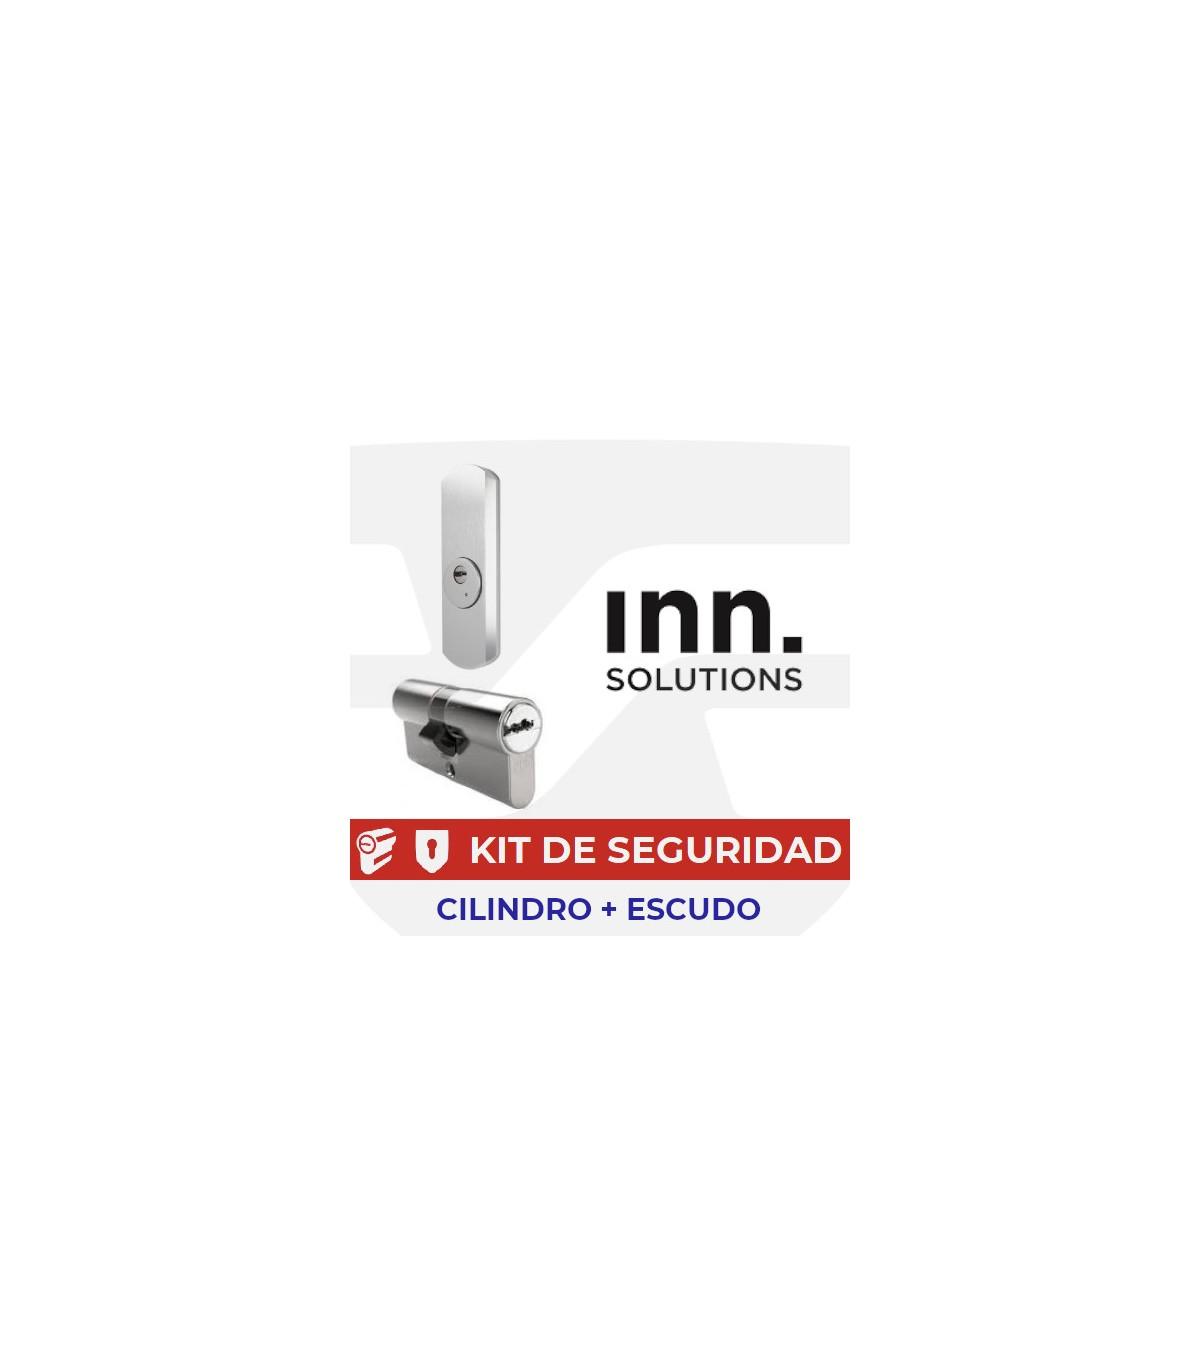 Vacuum Brush Aspirador Universal para Rejilla de Ventilaci/ón//Teclados//Cajones//Coche//Artesan/ía//Joyer/ía//Plantas HUHUDAY Vacuumax